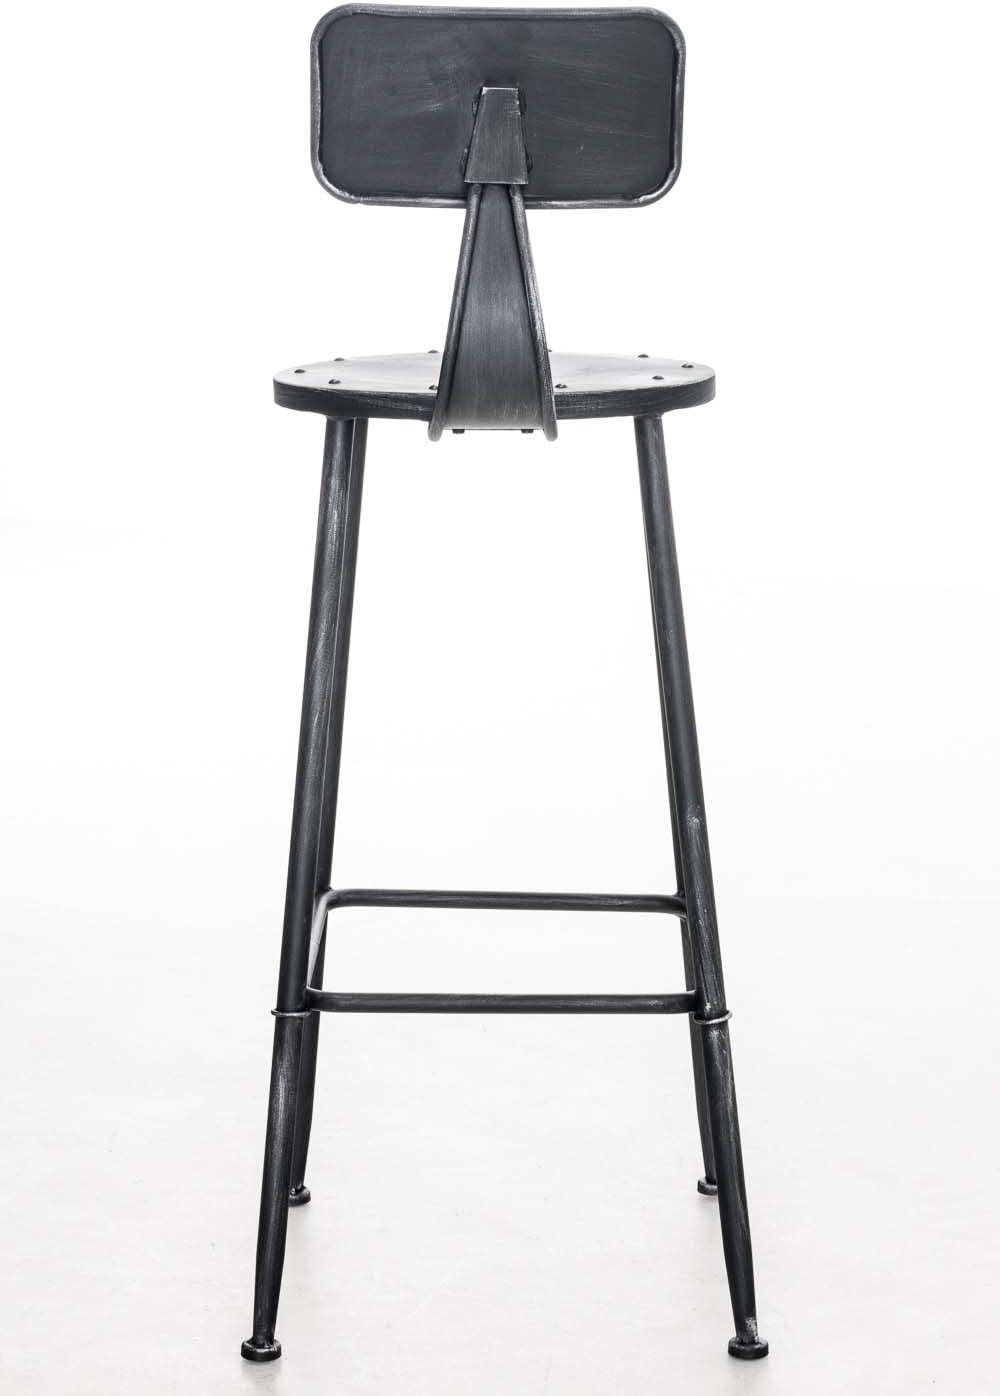 Sedia Sgabello Stile Industriale Altezza Seduta 75 cm I Sgabello con Schienale e Poggiapiedi 4 Gambe I Sgabello Bar o Cucina Design Urban argento antico CLP Sgabello Alto SOHO in Metallo